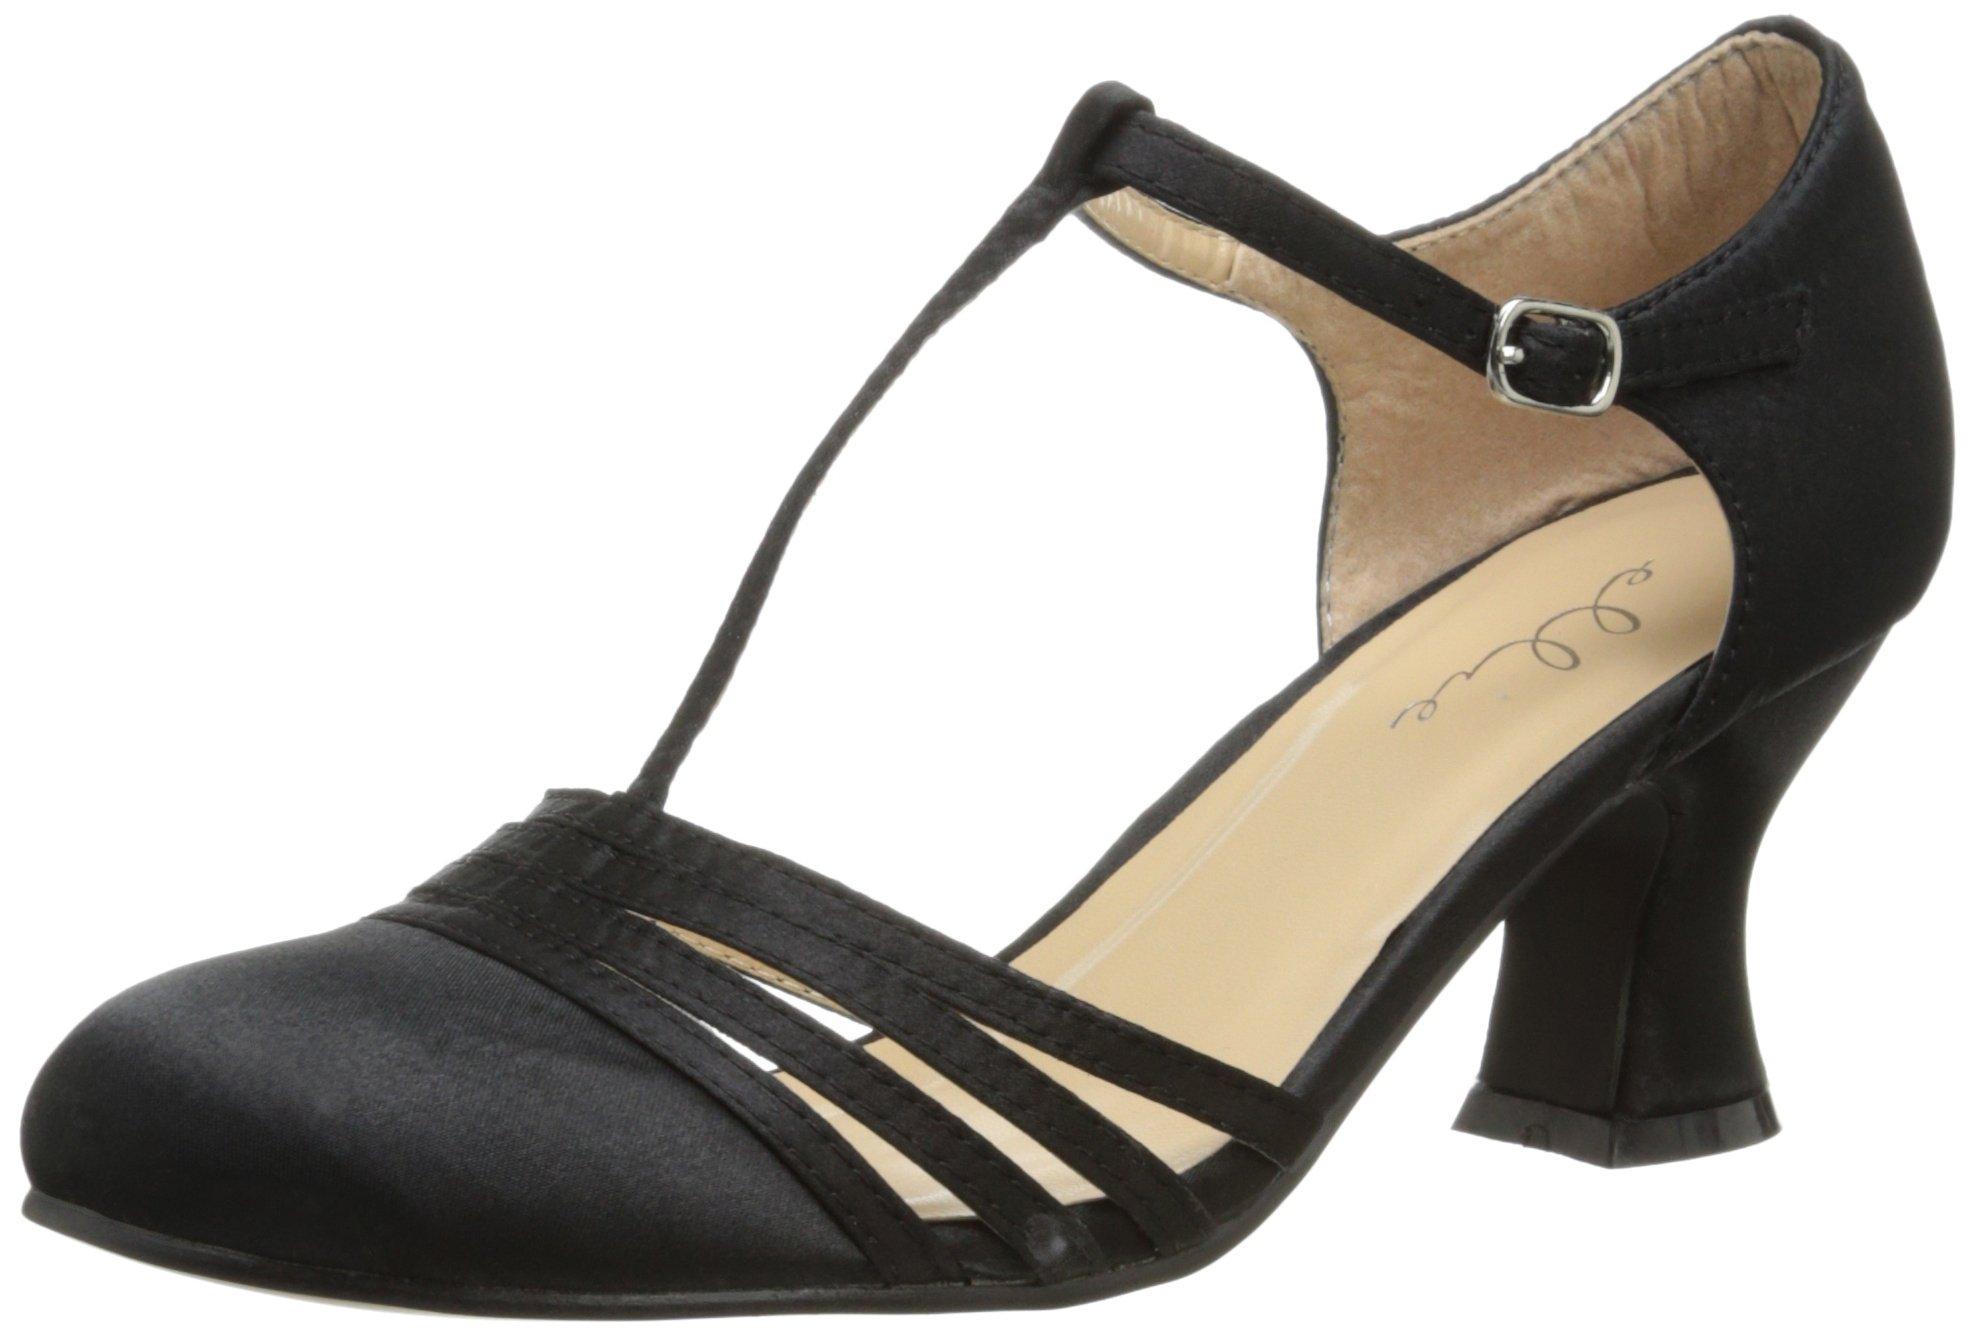 Ellie Shoes Women's 254-lucille, Black, 9 M US by Ellie Shoes